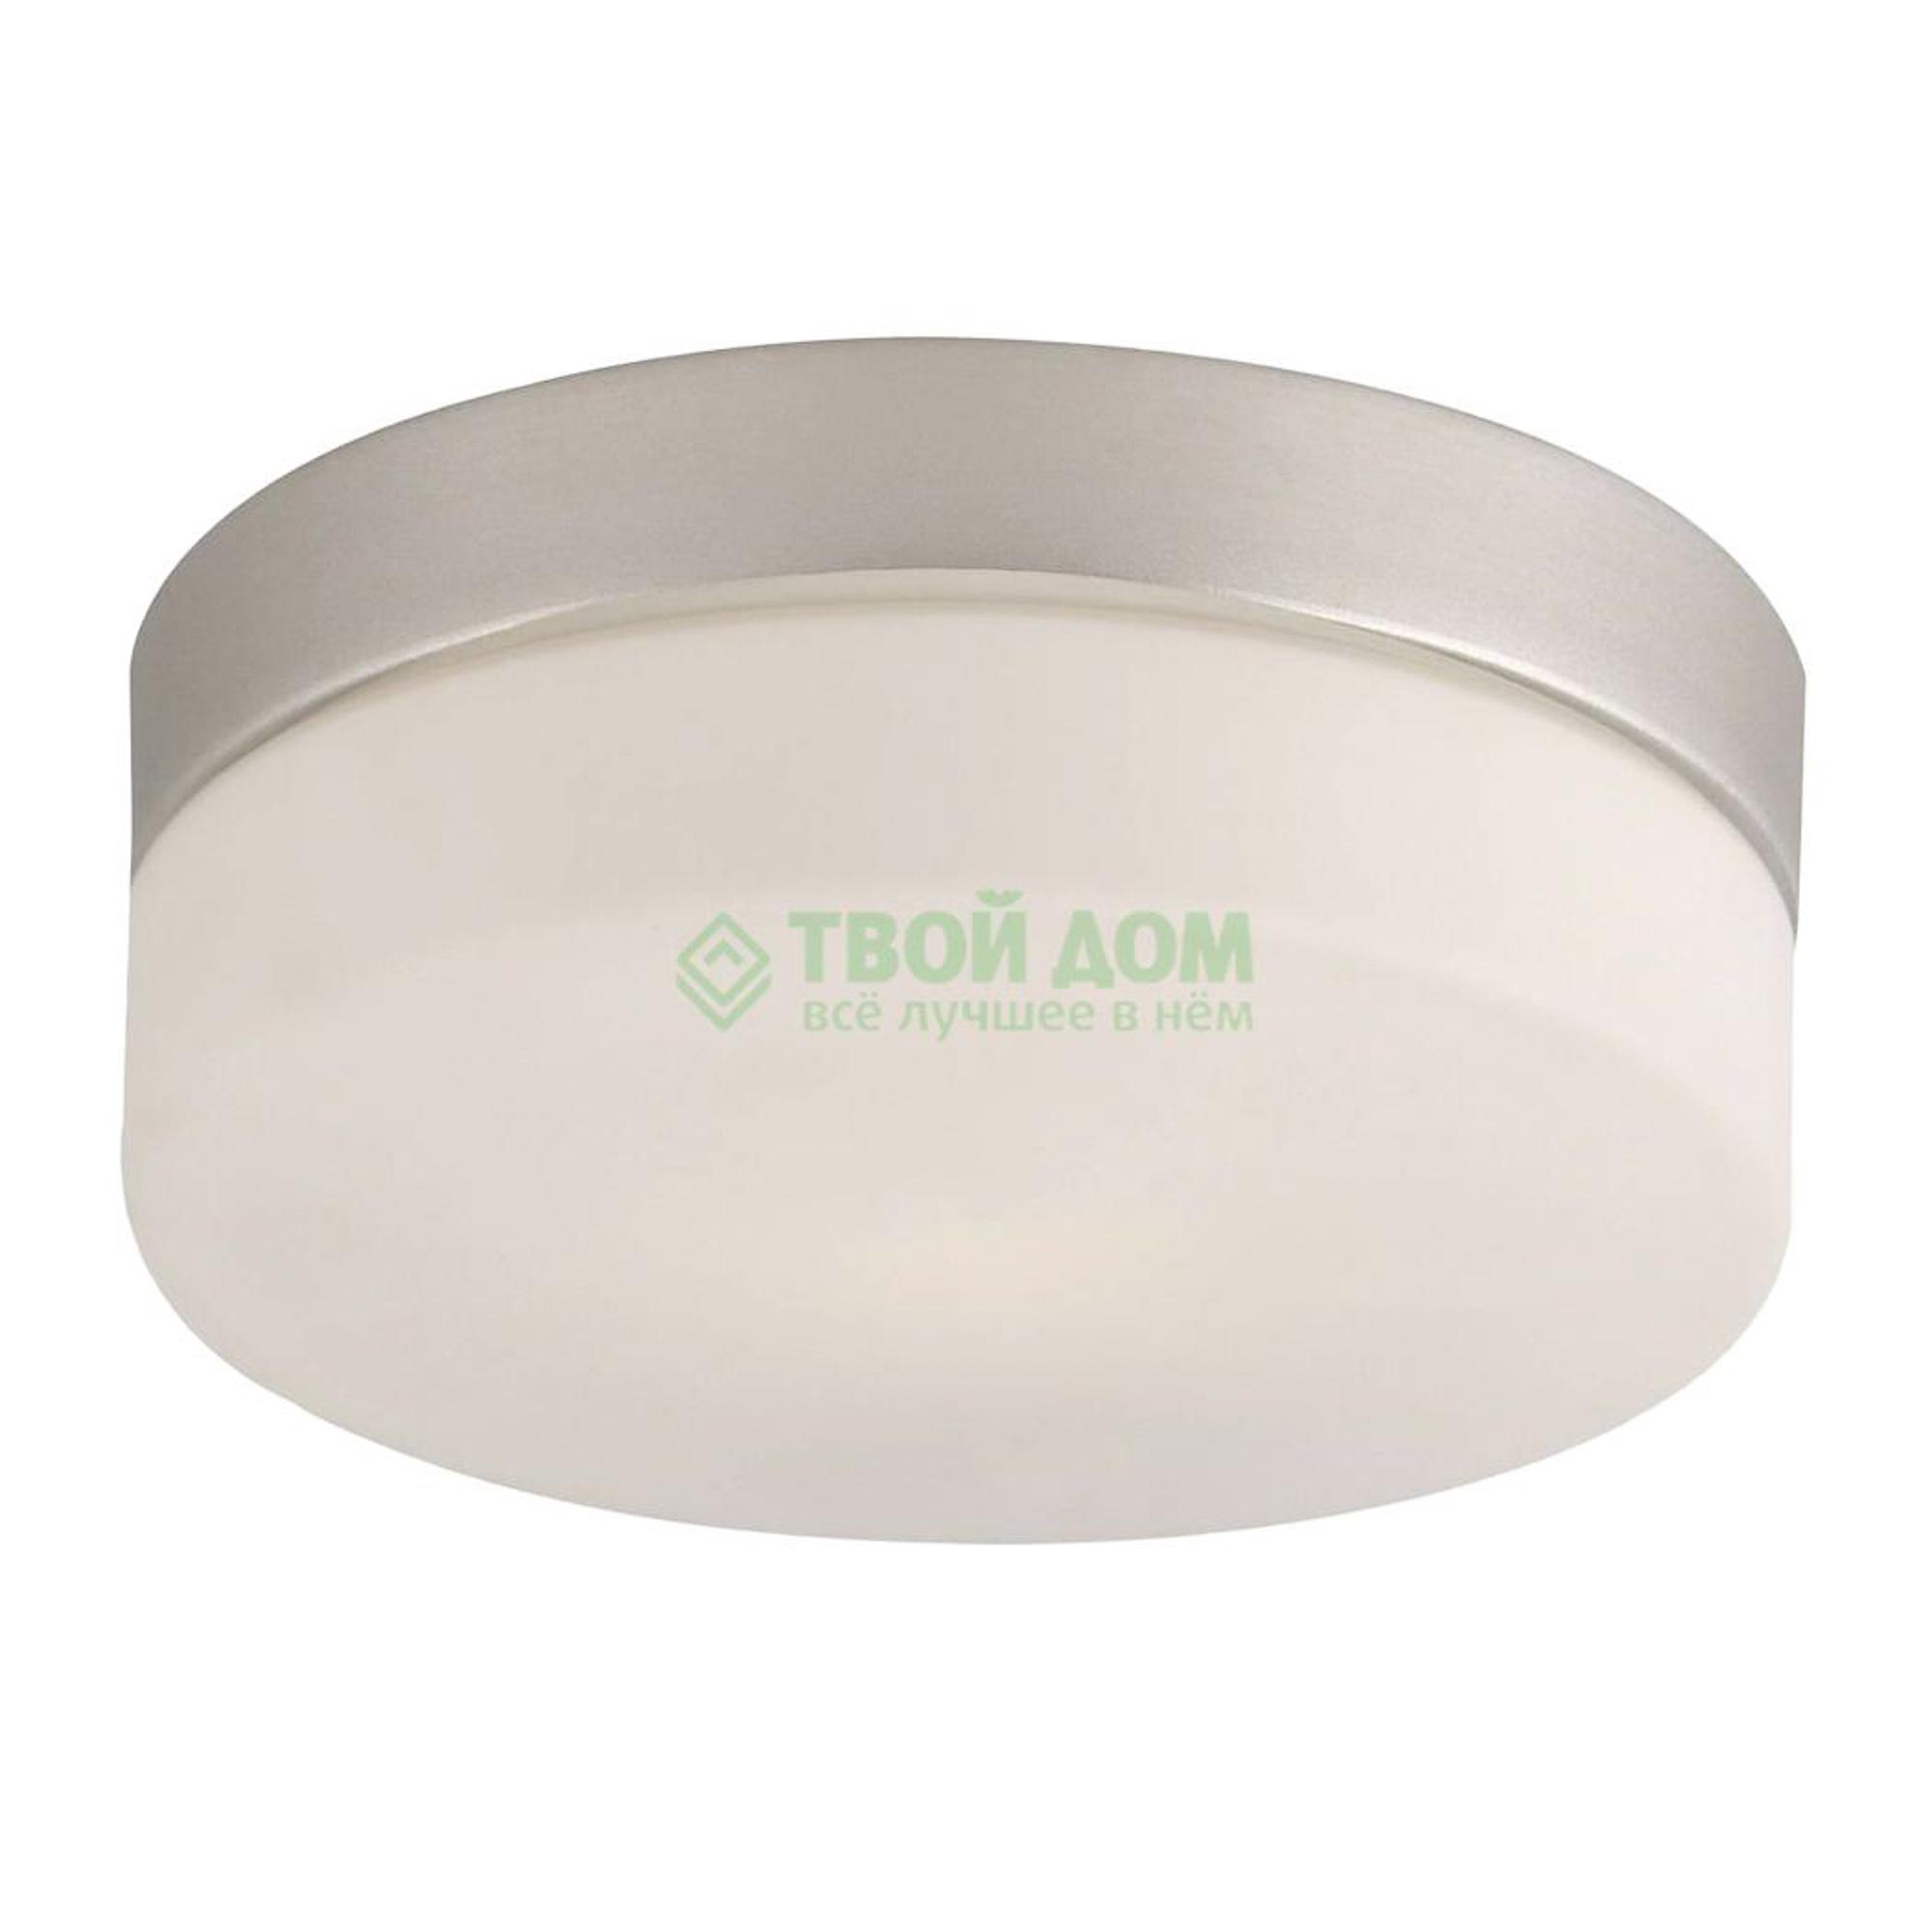 Потолочный светильник Globo Style 32110 (32110) светильник globo 3207 style